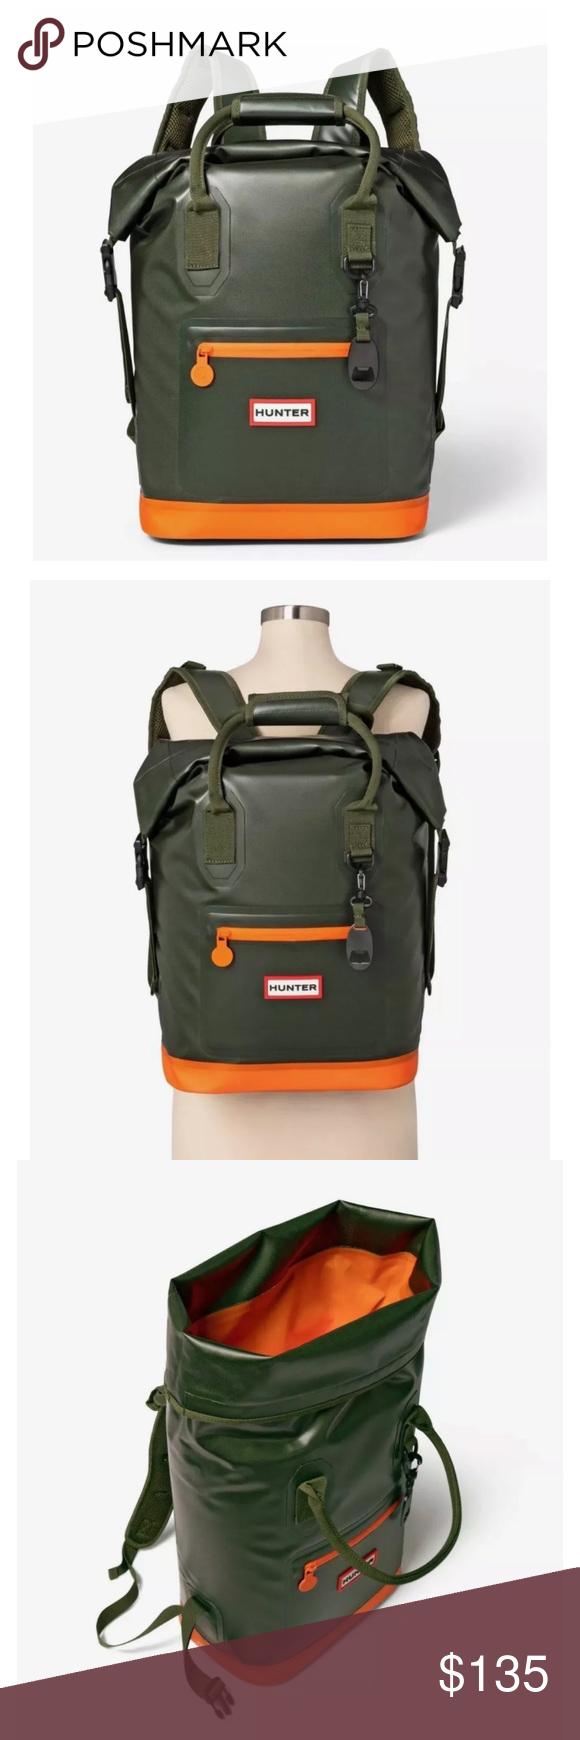 Nwt Hunter For Target 17l Backpack Cooler Target Backpack Cool Backpacks Insulated Backpack